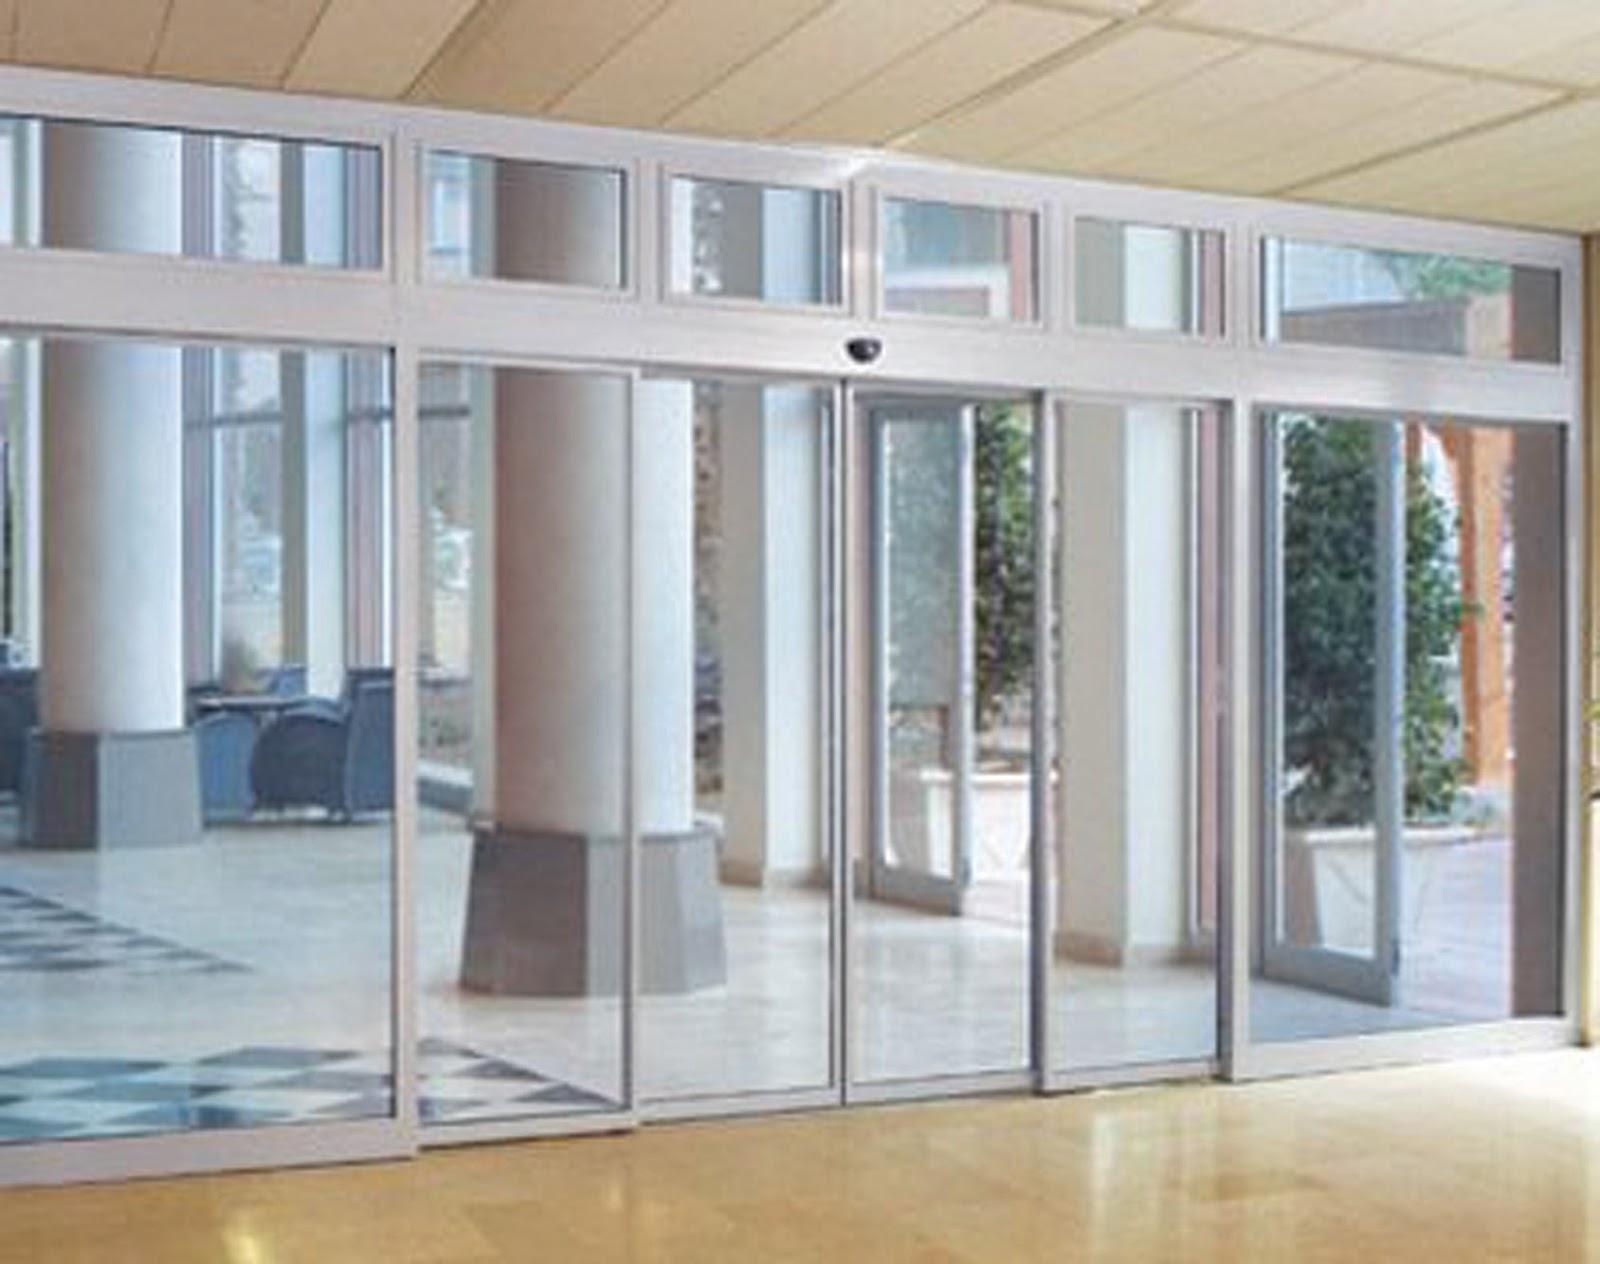 Việc chọn các tông màu cửa phù hợp sẽ mang đến tính thẩm mỹ cho tòa nhà